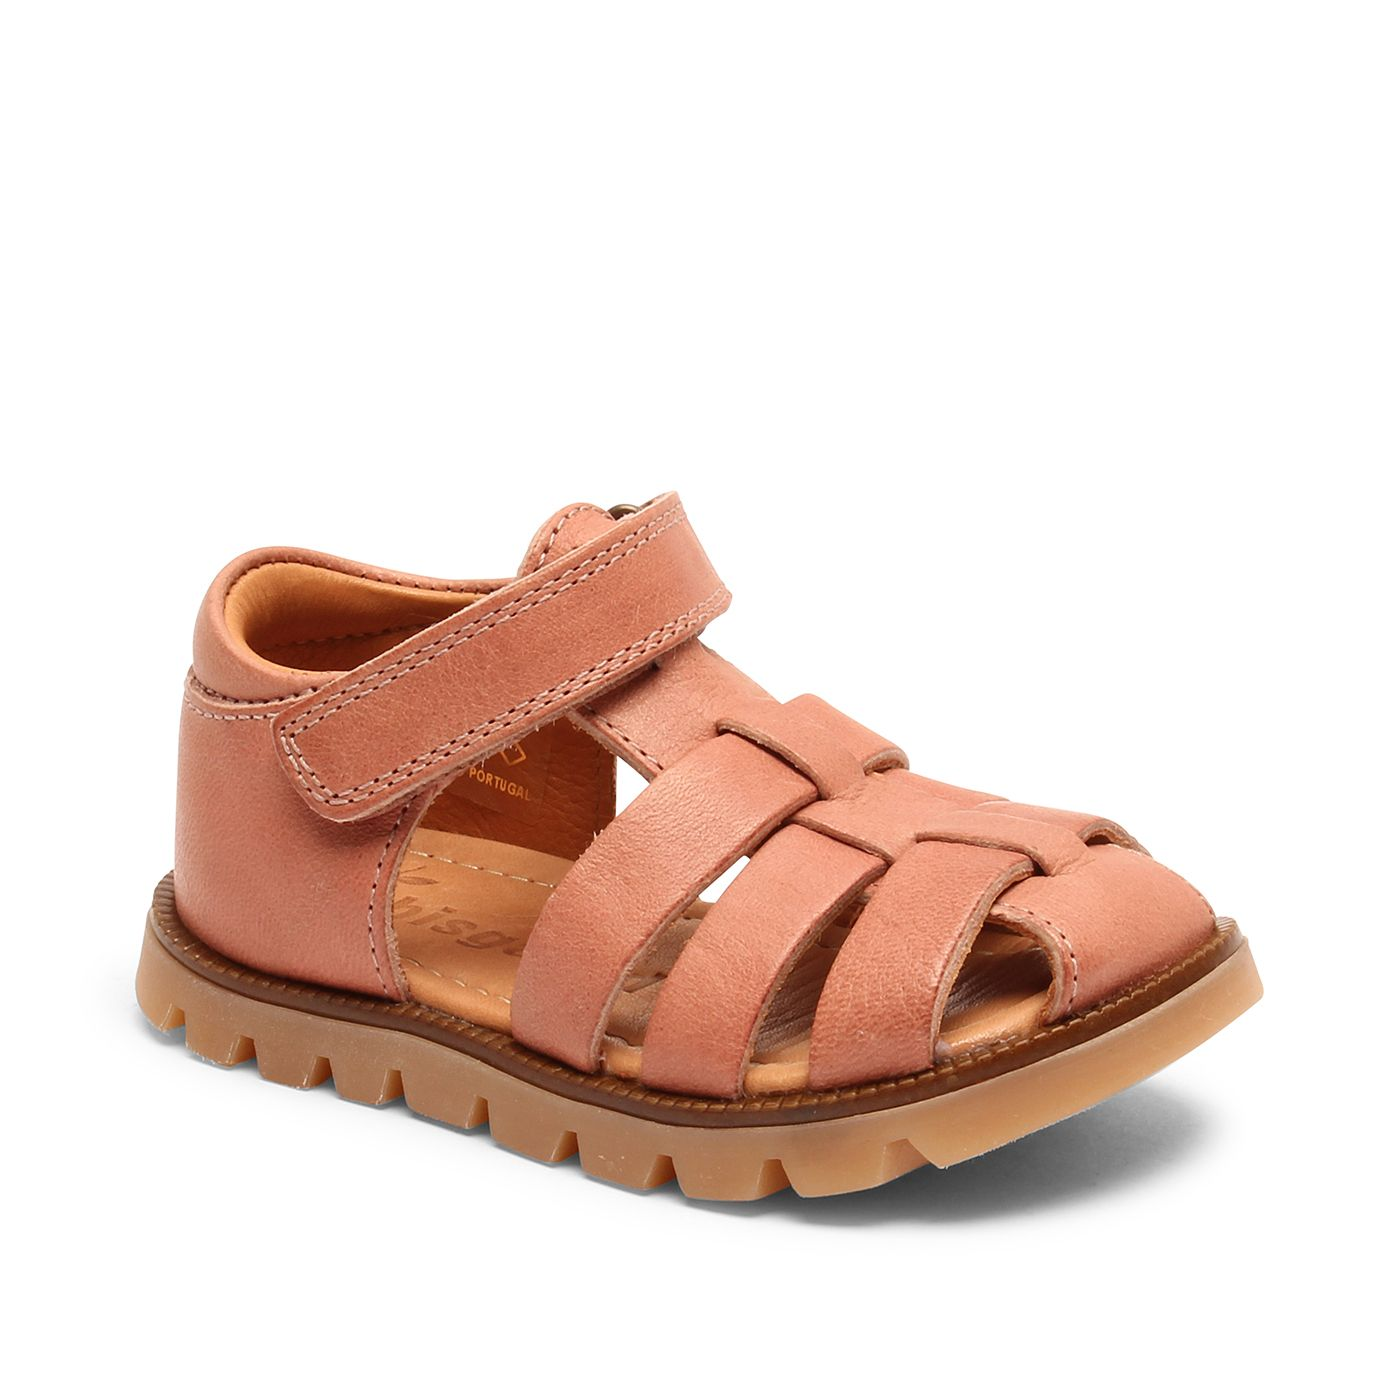 Bisgaard Beka sandal